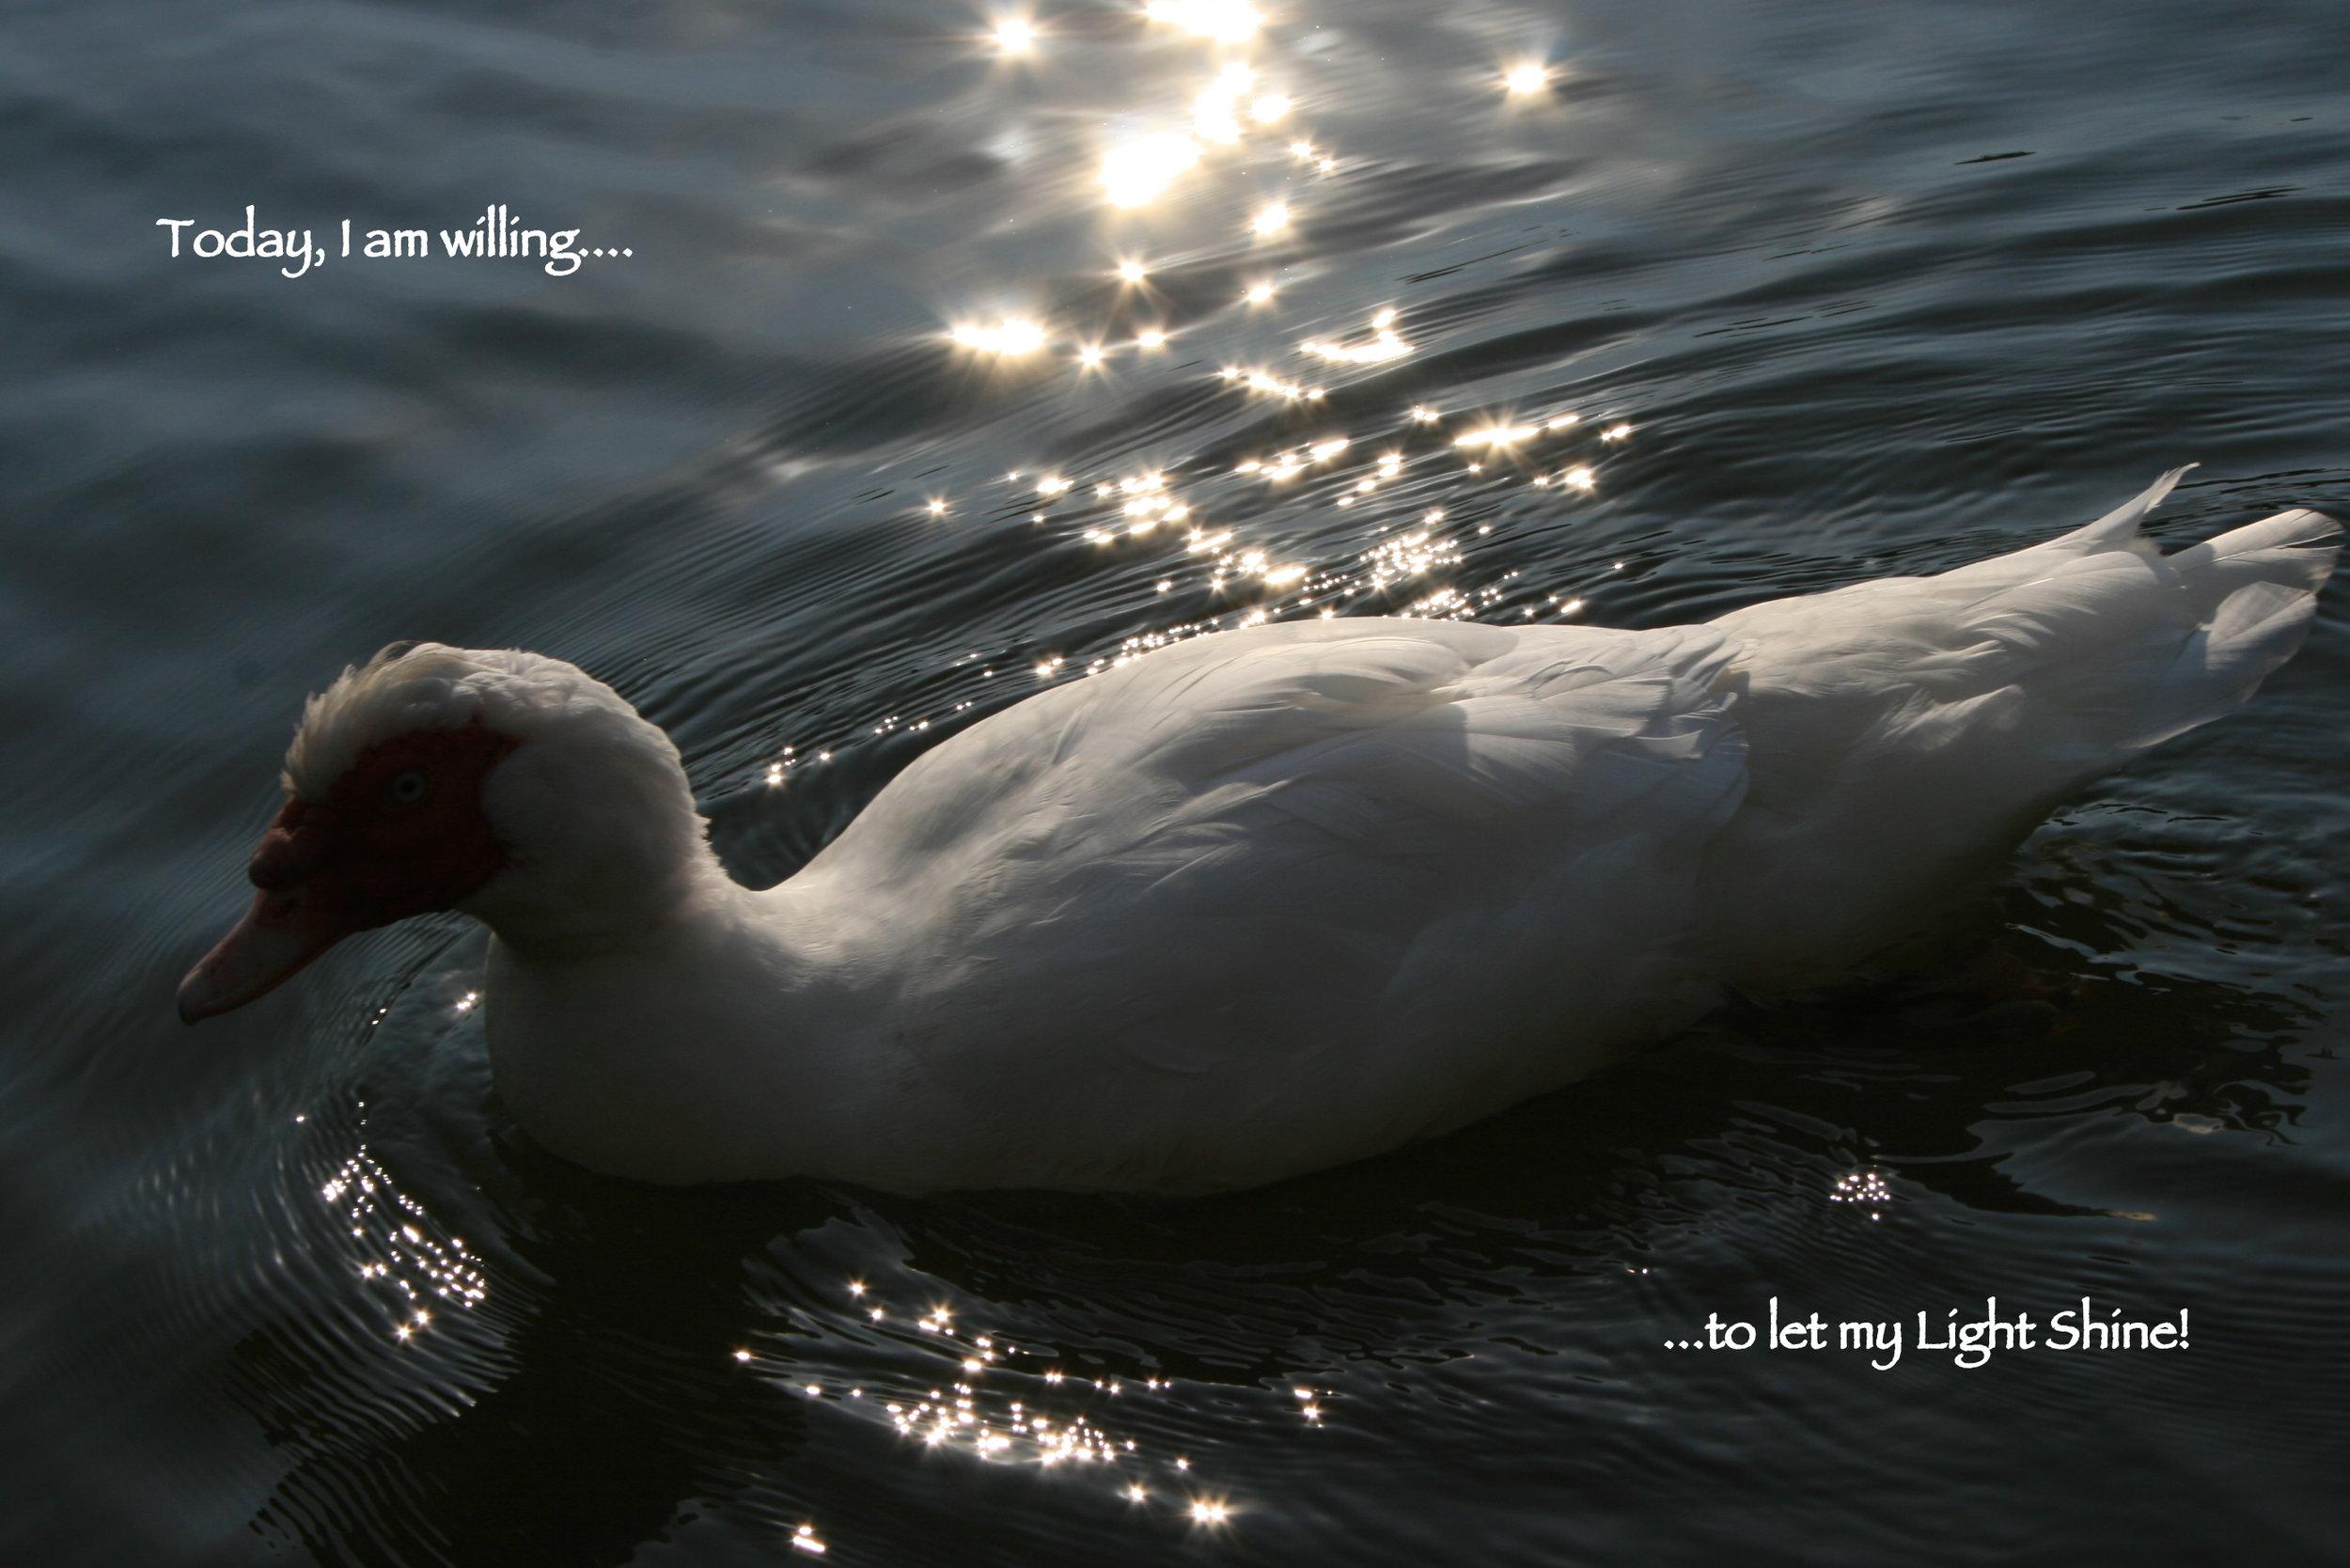 White goose_let my light shine.JPG